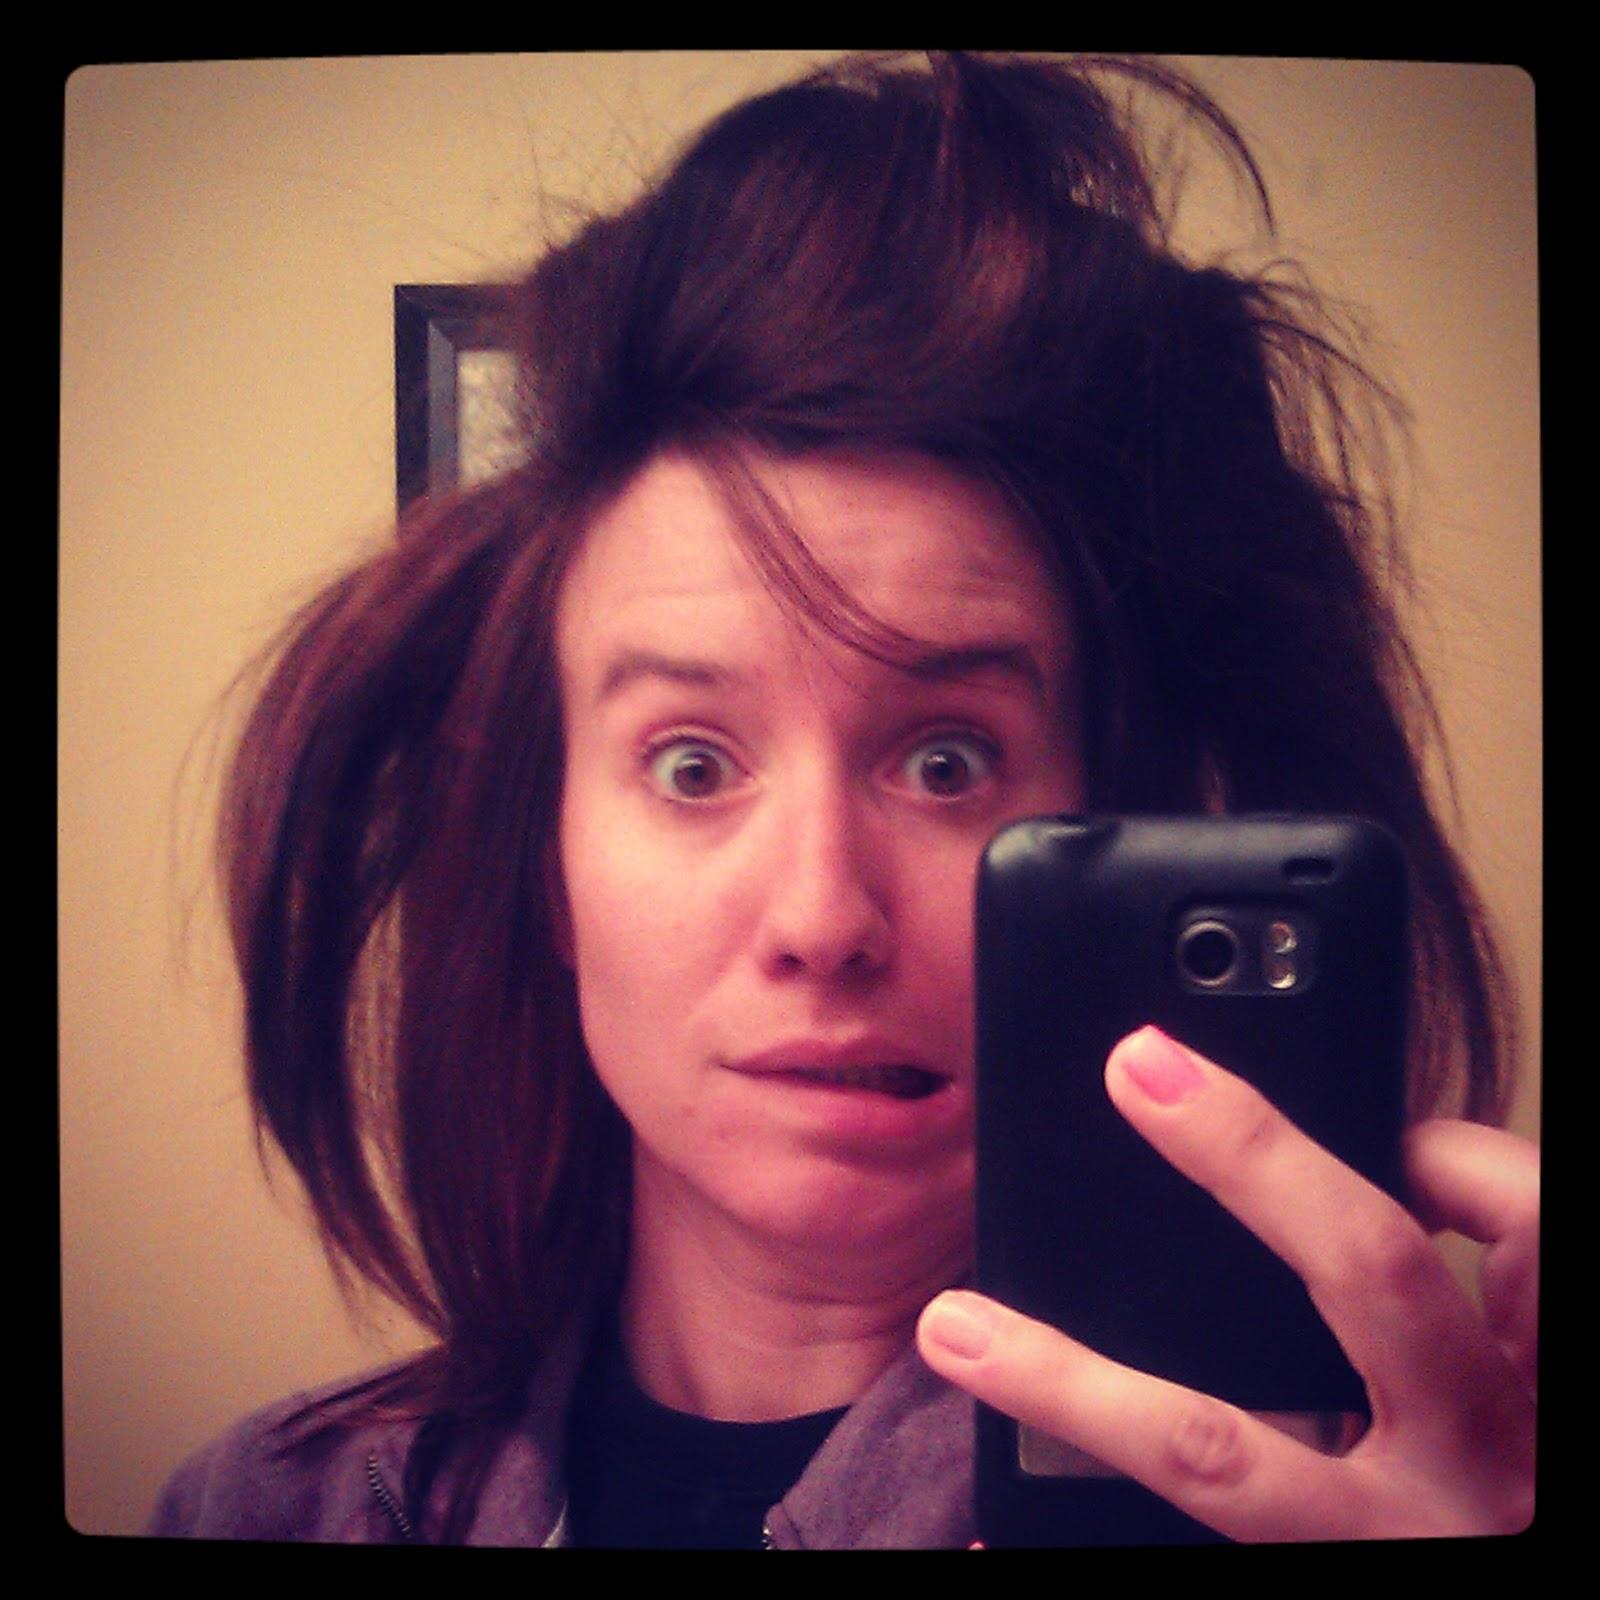 Ugly Girl Mirror Selfi...